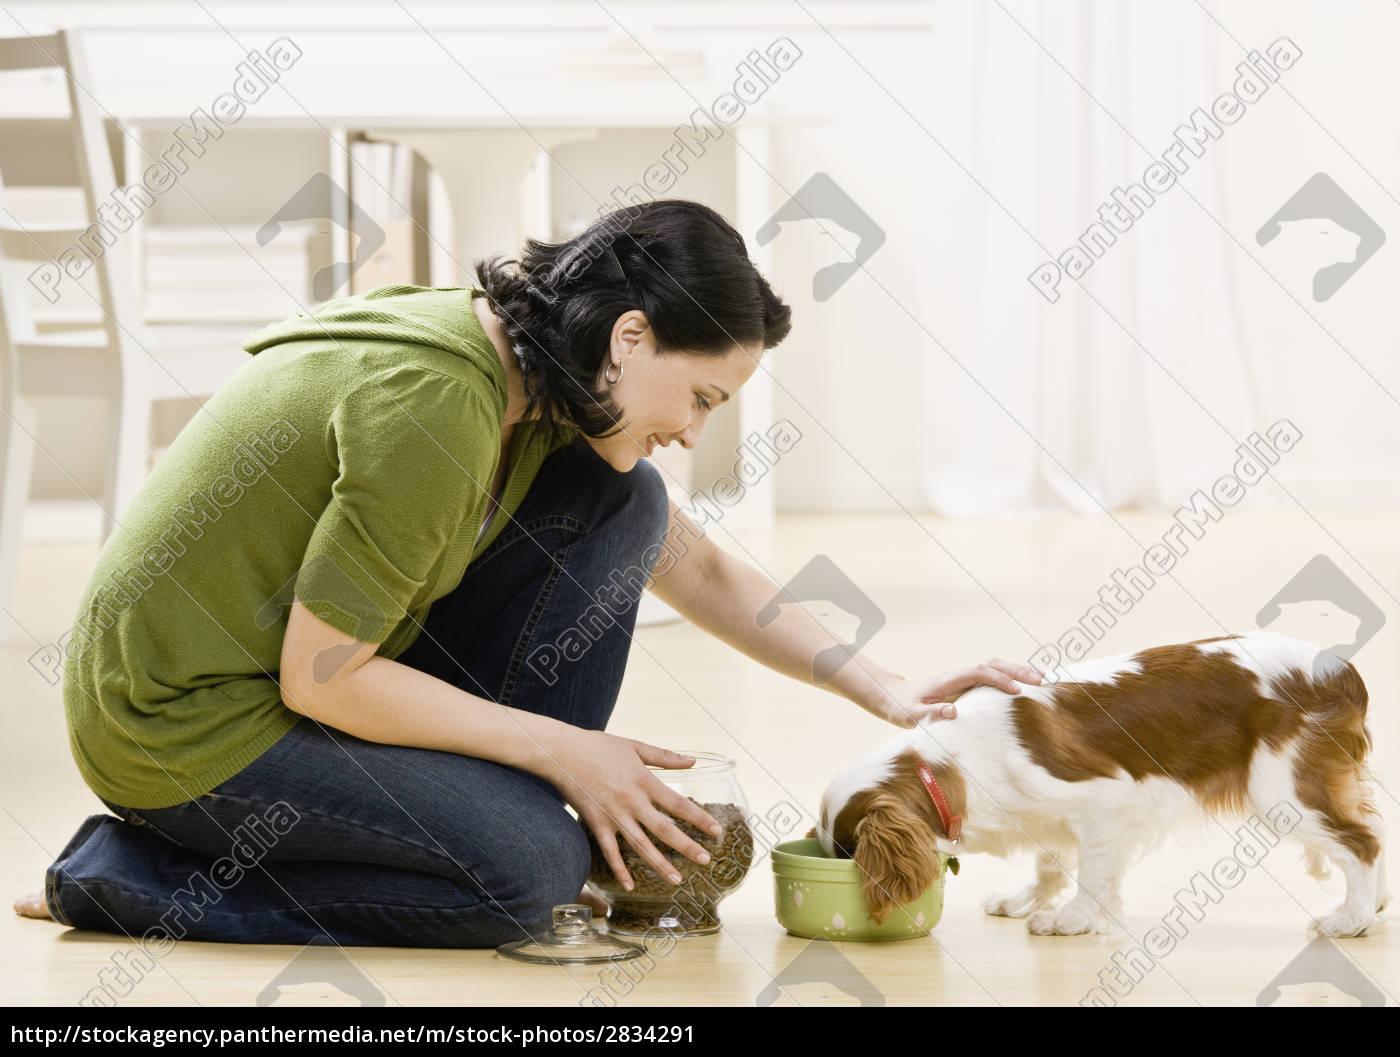 woman, feeding, puppy - 2834291